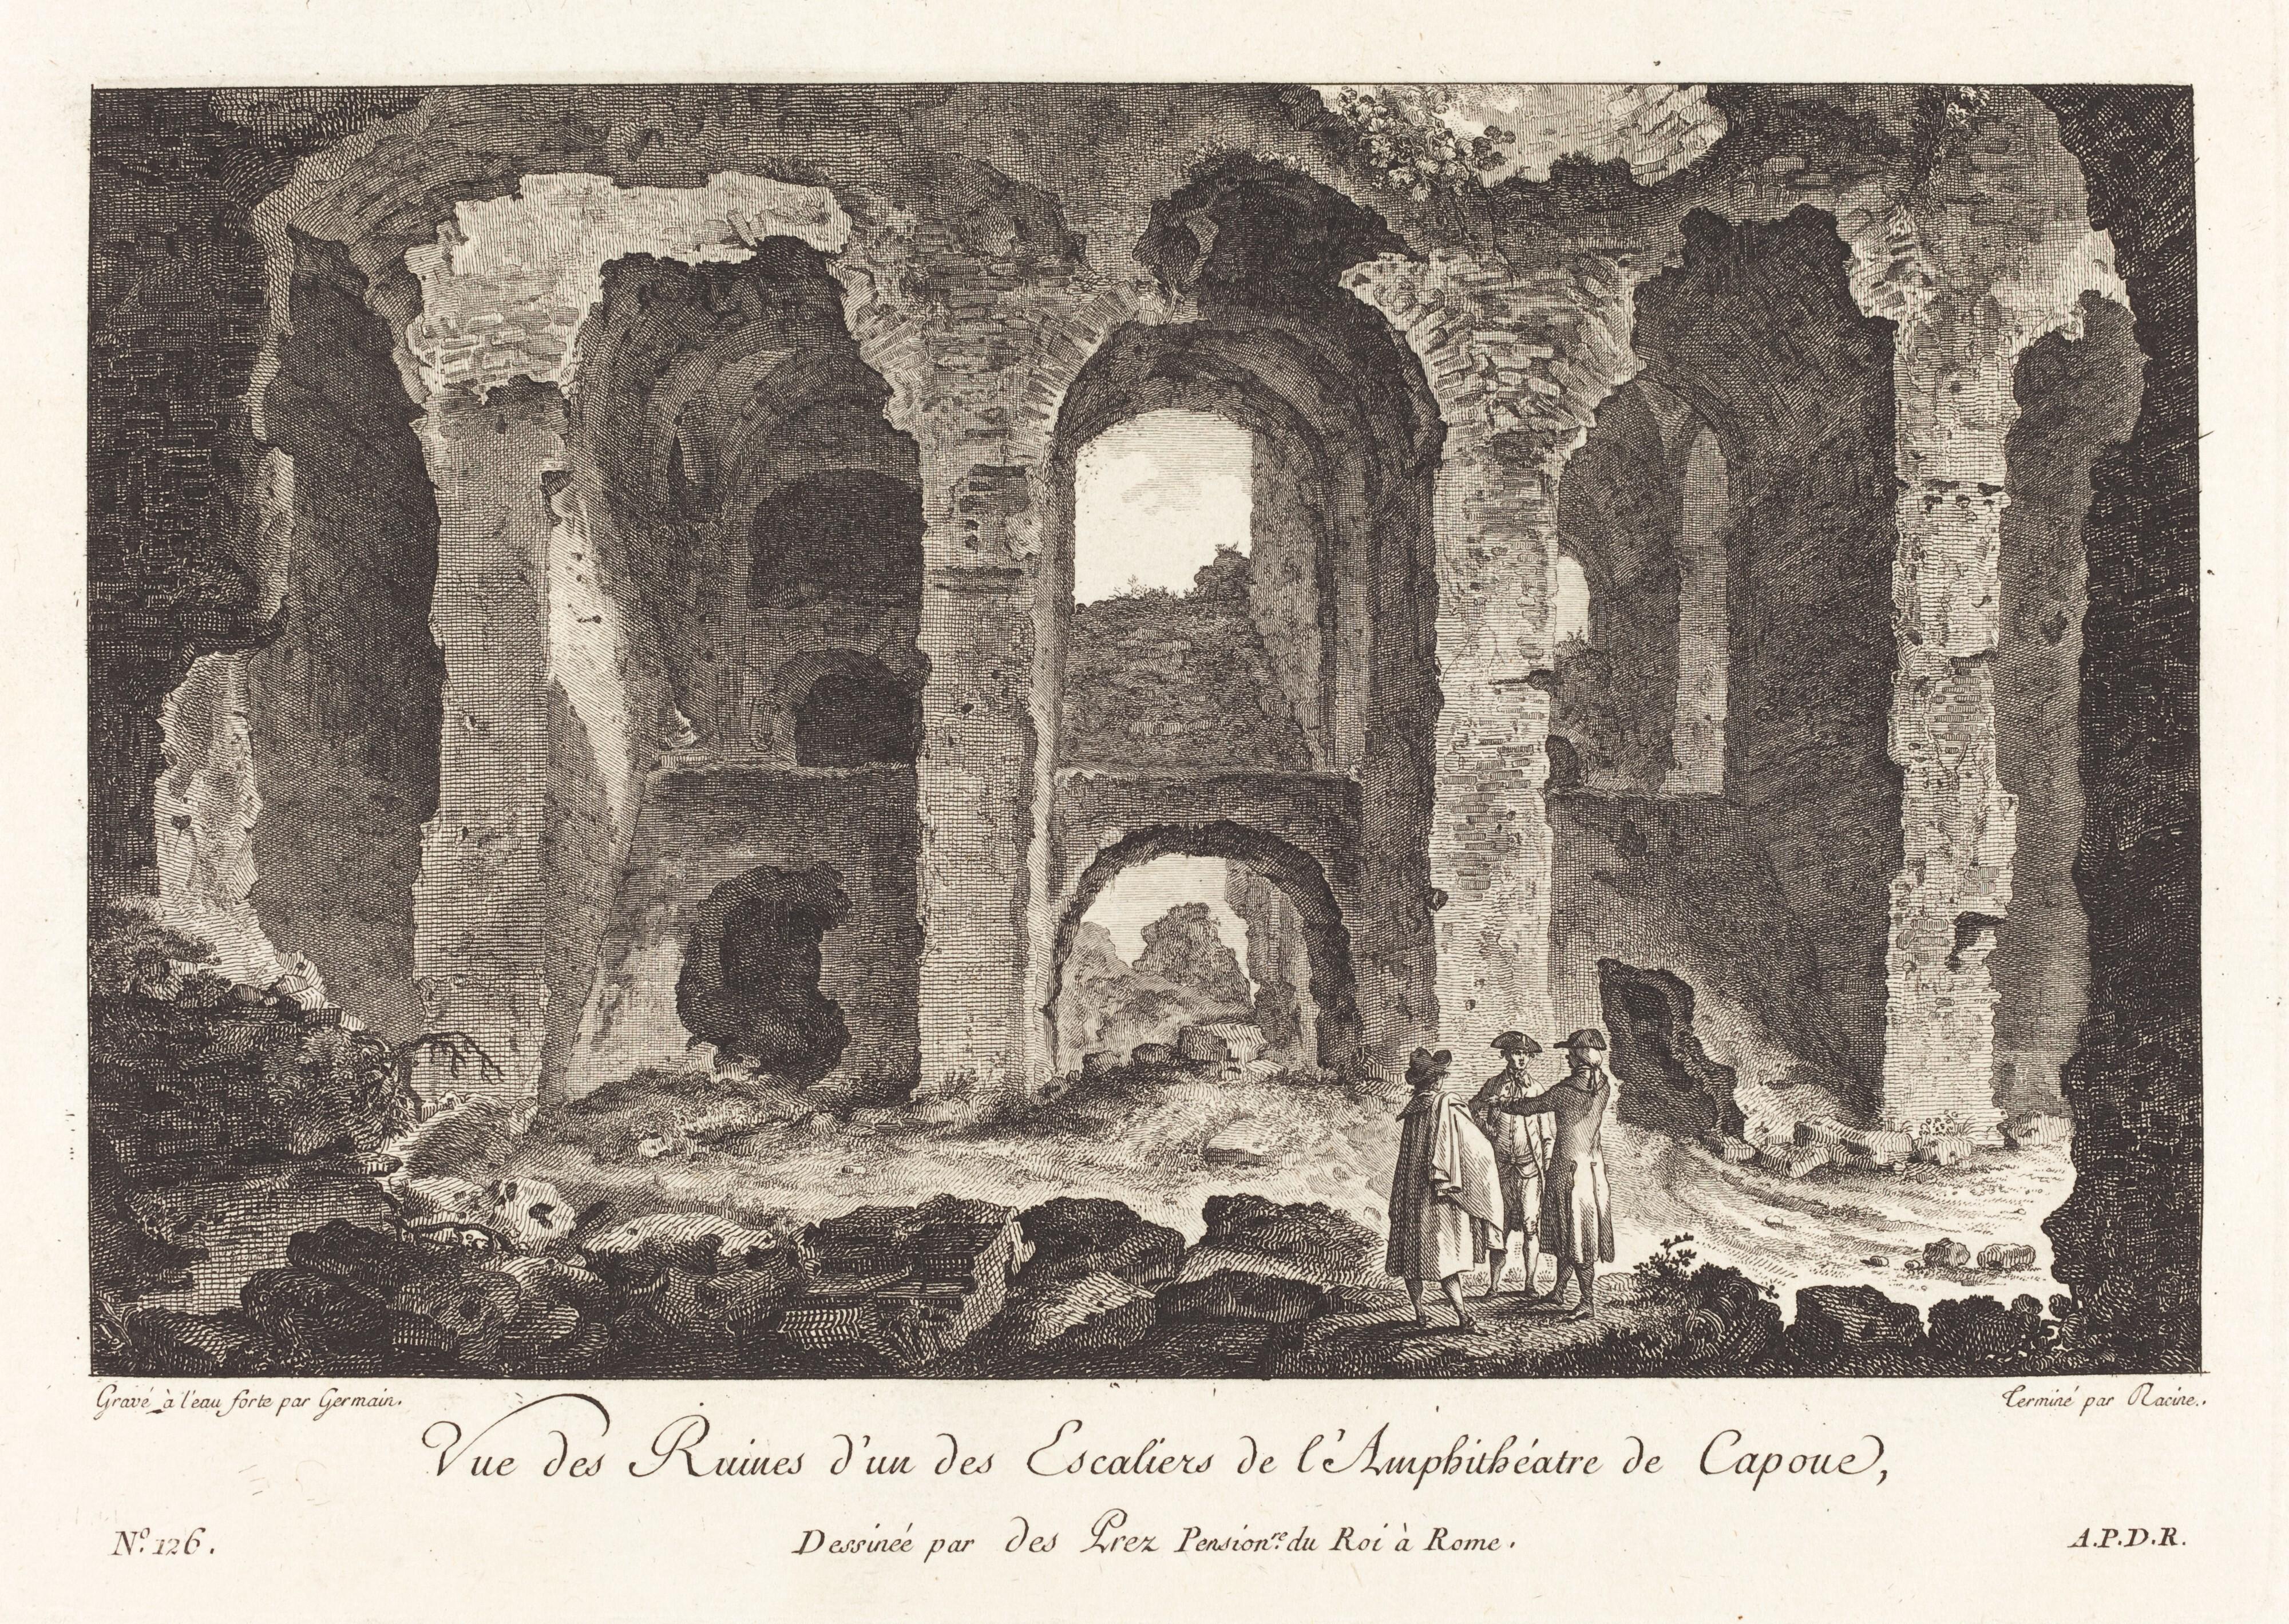 Vue des Ruines d'un des Escaliers de l'Amphithéatre de Capue